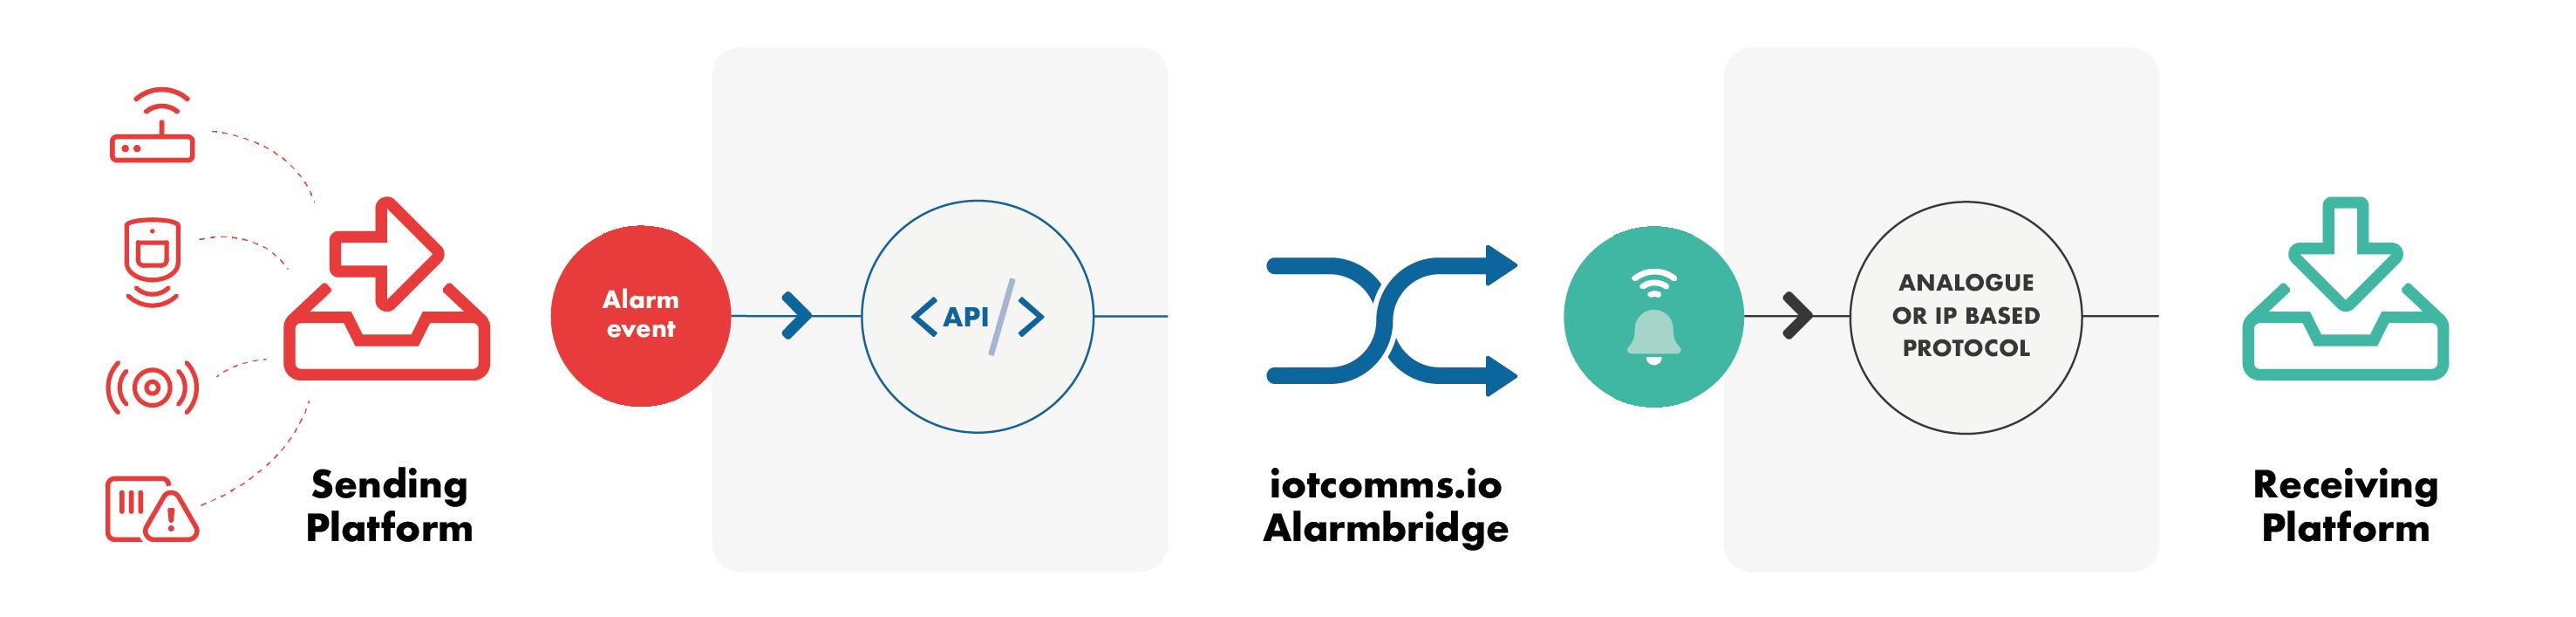 iotcomms.io serverless Alarmbridge – Use Case Scenario Example